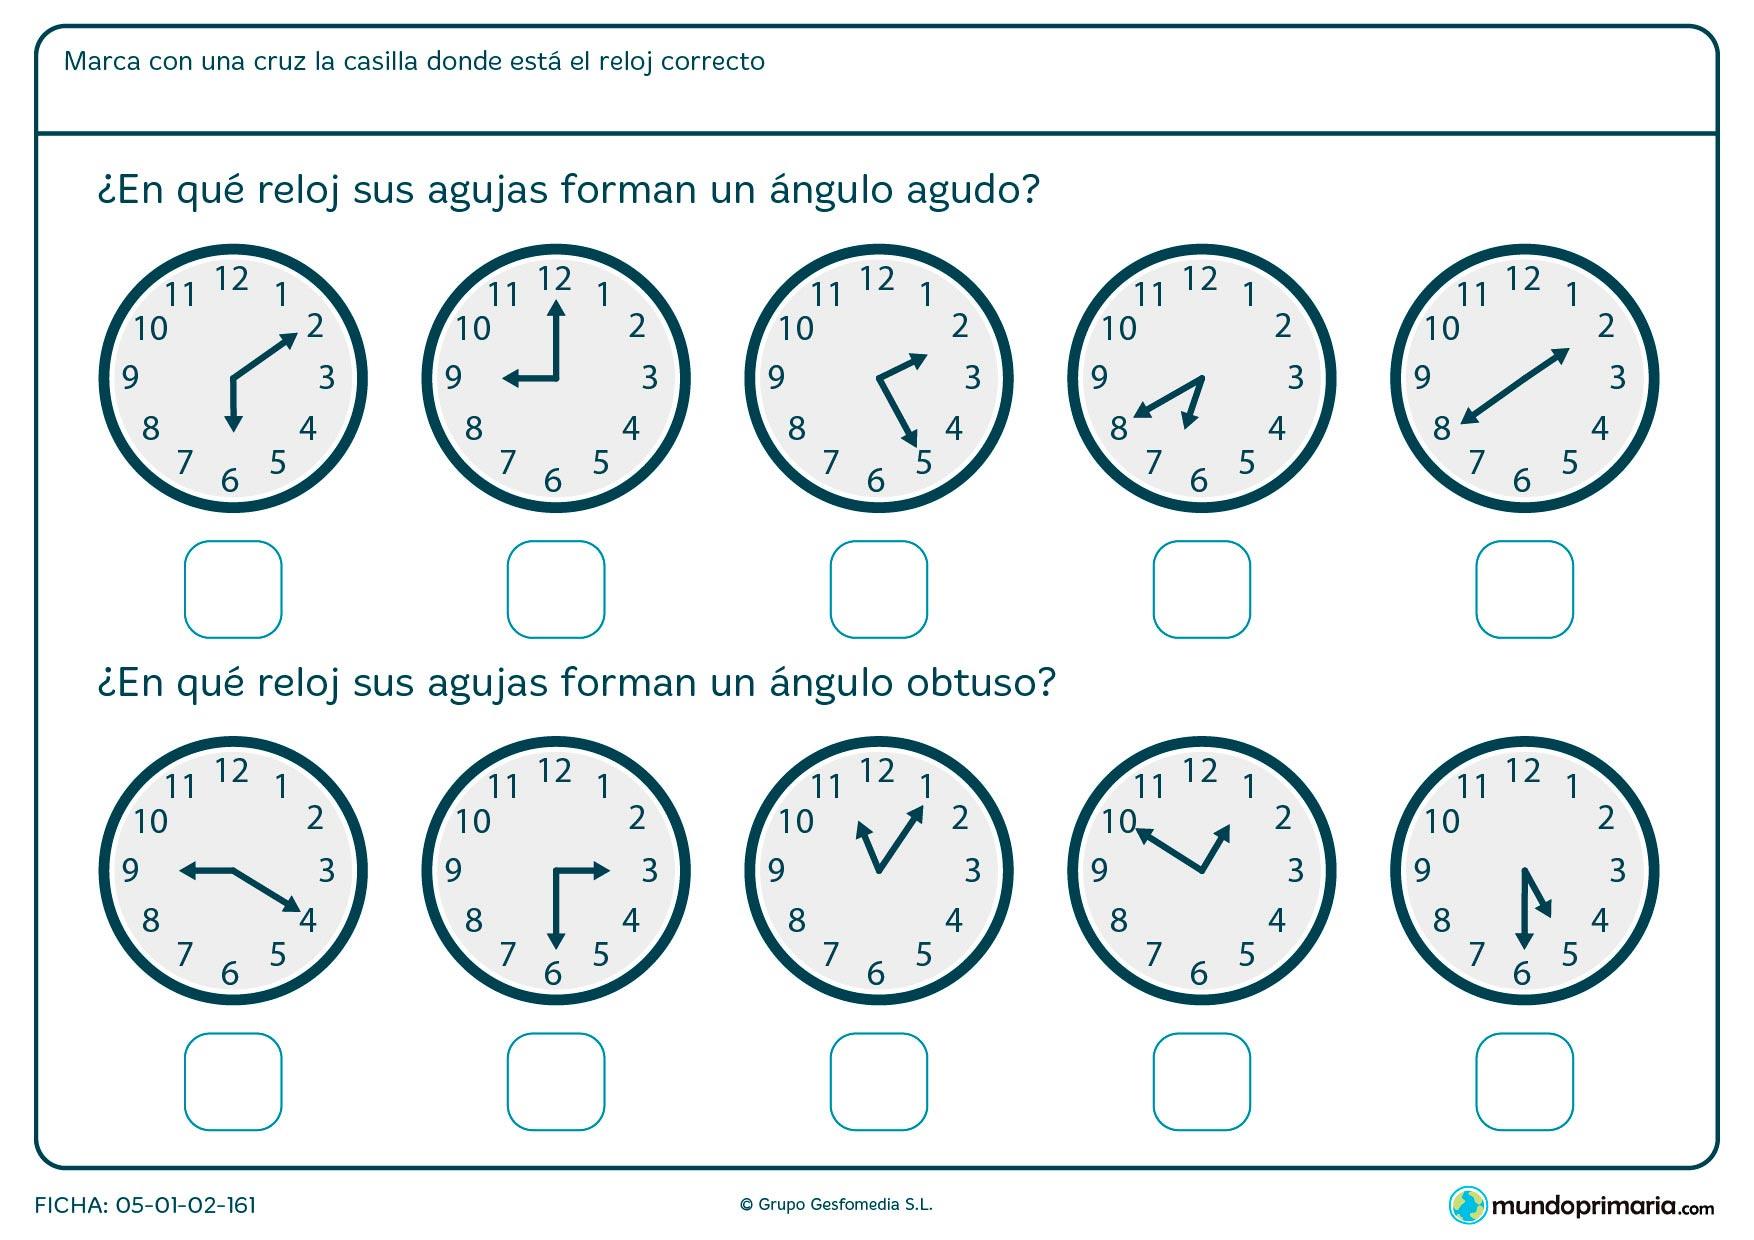 Ficha de ángulos de manecillas de reloj. Has de reconocer el ángulo que forman estas y marcar la respuesta correcta.